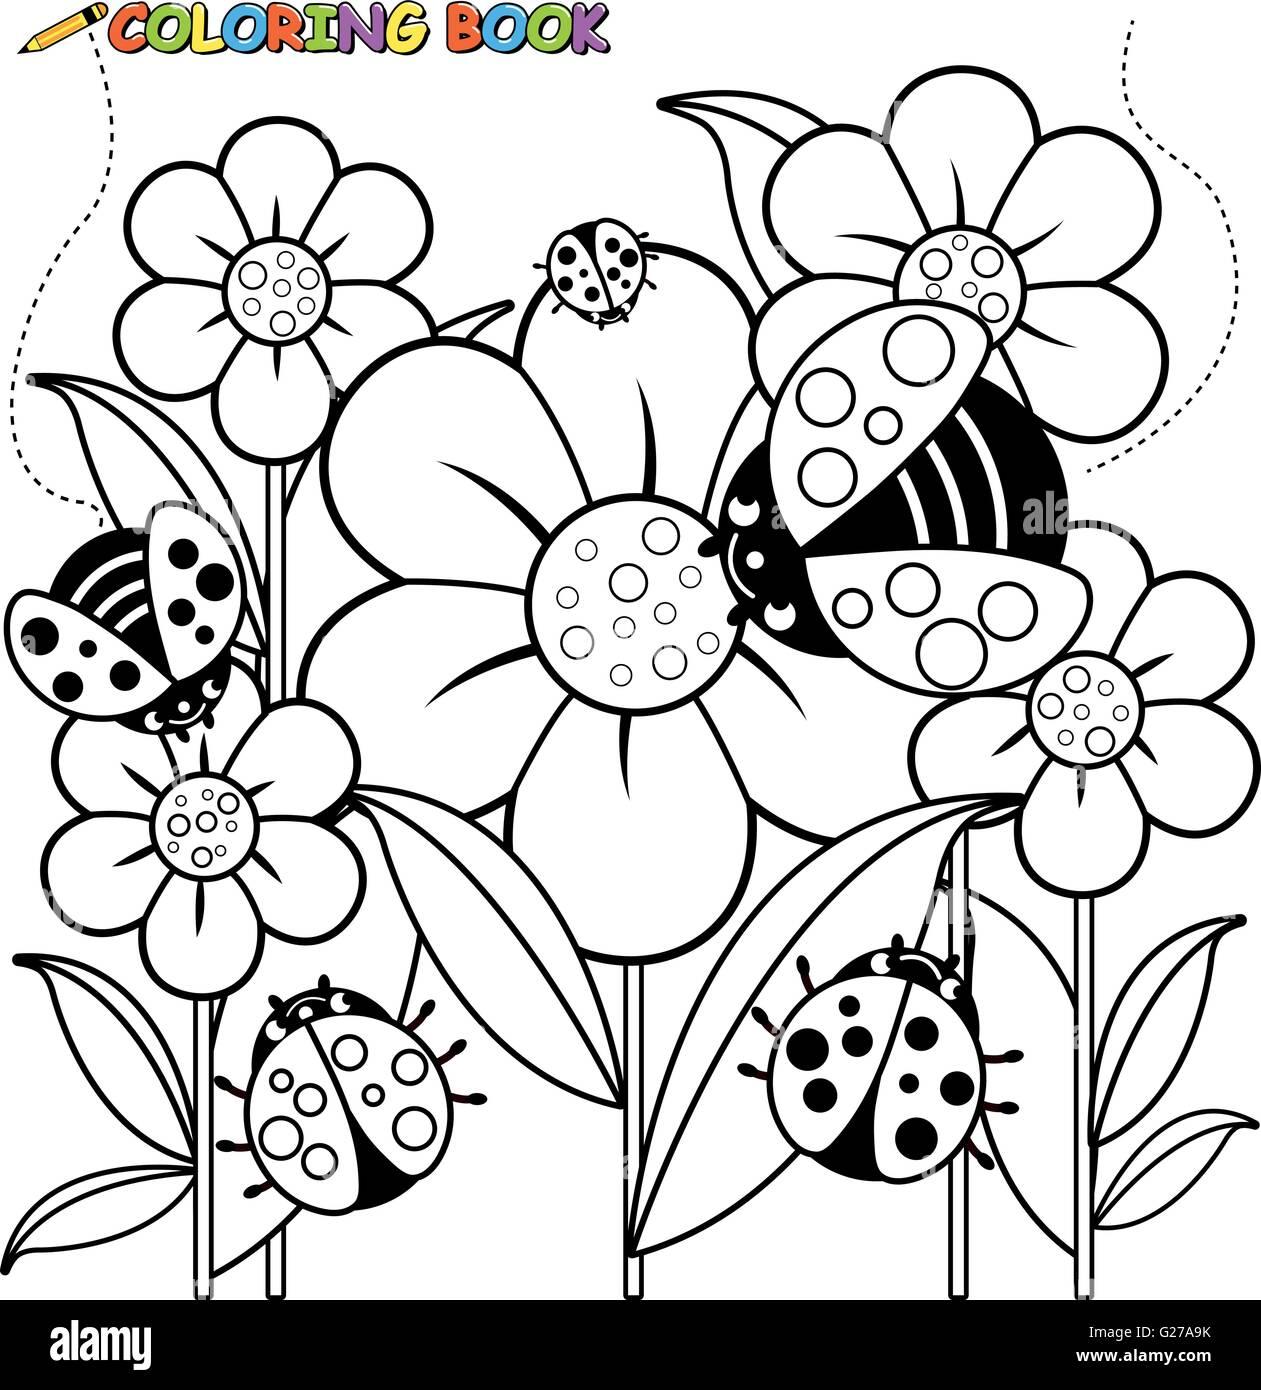 Ladybird Book Stock Photos & Ladybird Book Stock Images - Page 2 - Alamy